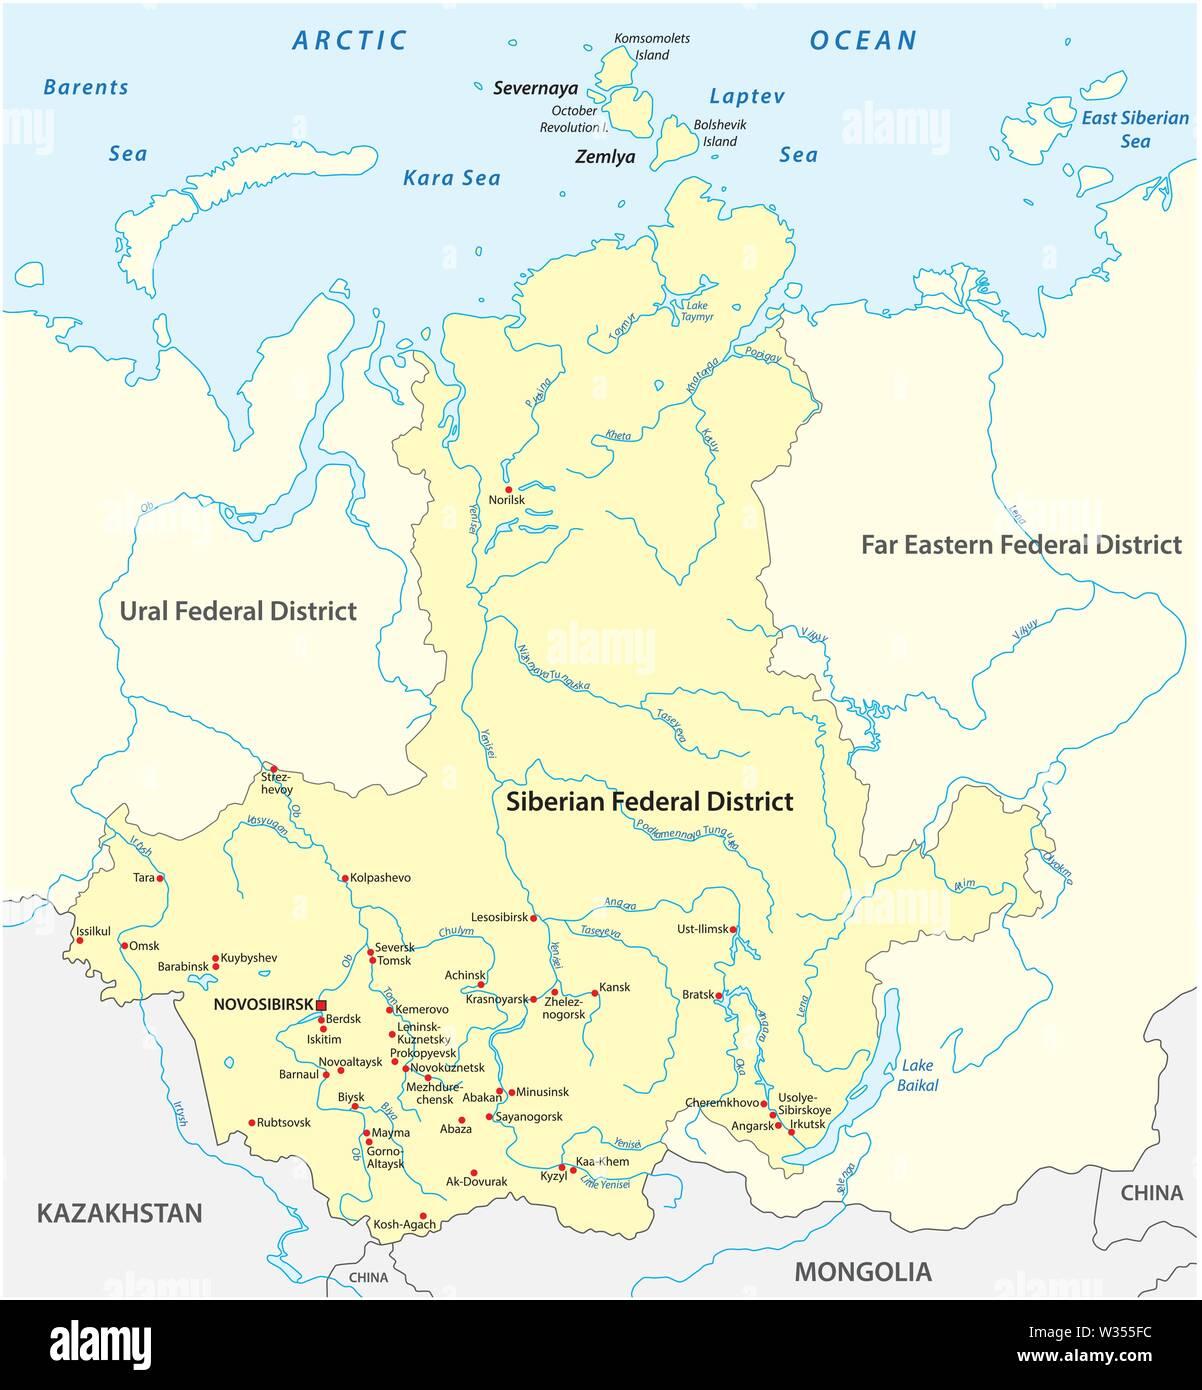 Ciudades De Rusia Mapa.Mapa Del Distrito Federal De Siberia Rusa Con Las